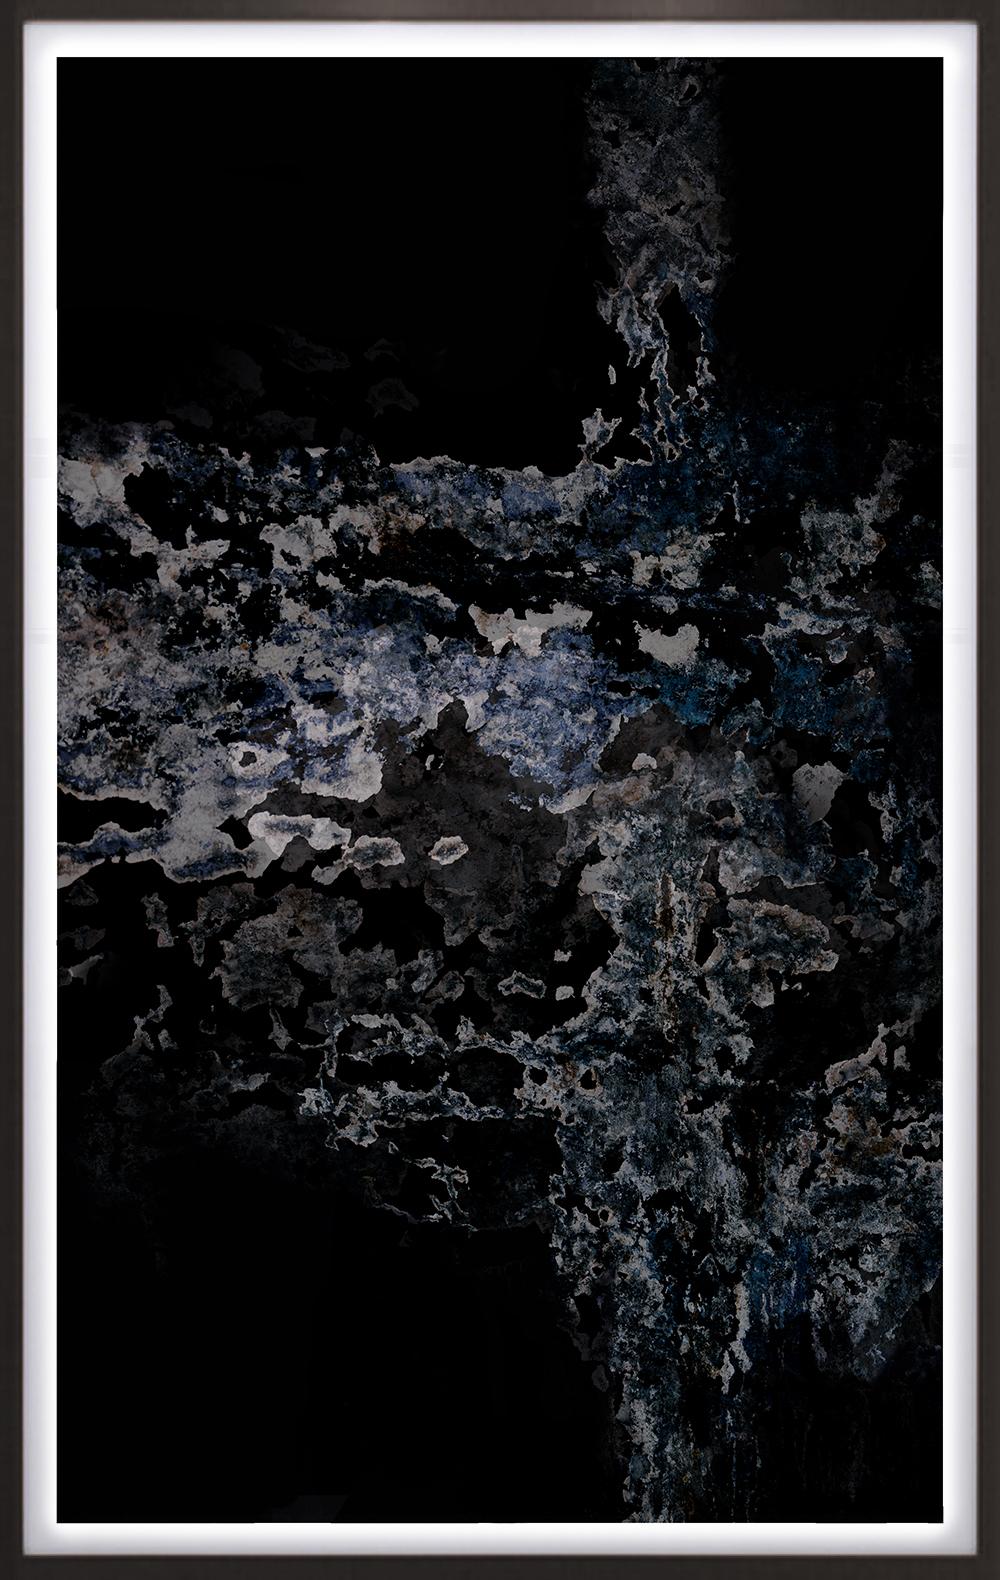 Elias Wessel  Feral 2 , 2015-16 Color Photograph Original: 298,9 x 189,2 cm (framed)